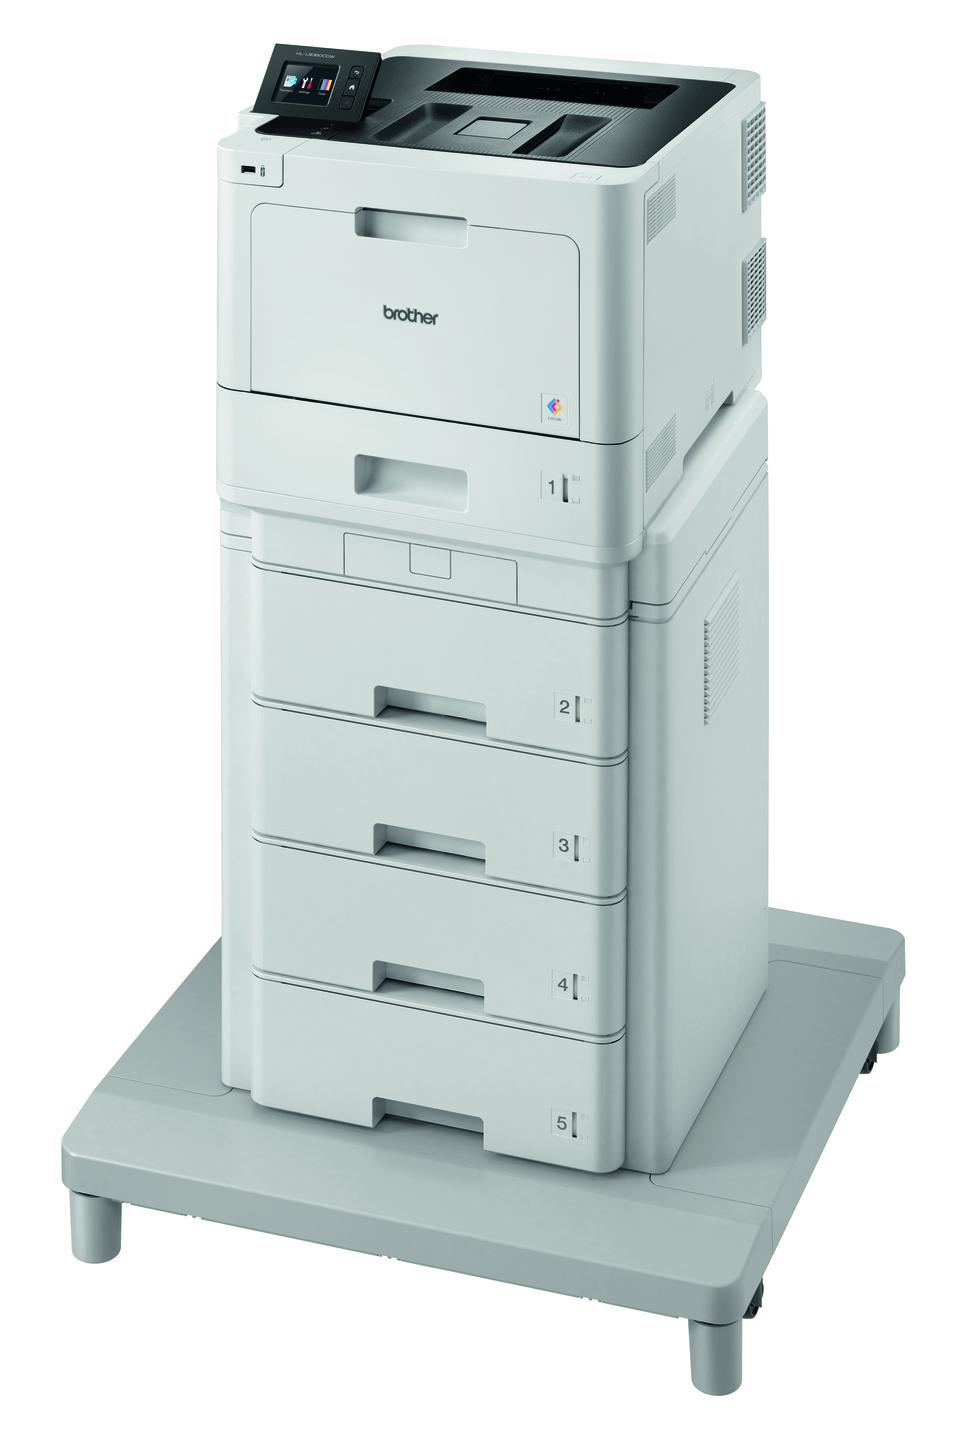 HL-L8360CDWMT spalvotas lazerinis spausdintuvas su bokštiniu dėklu 2